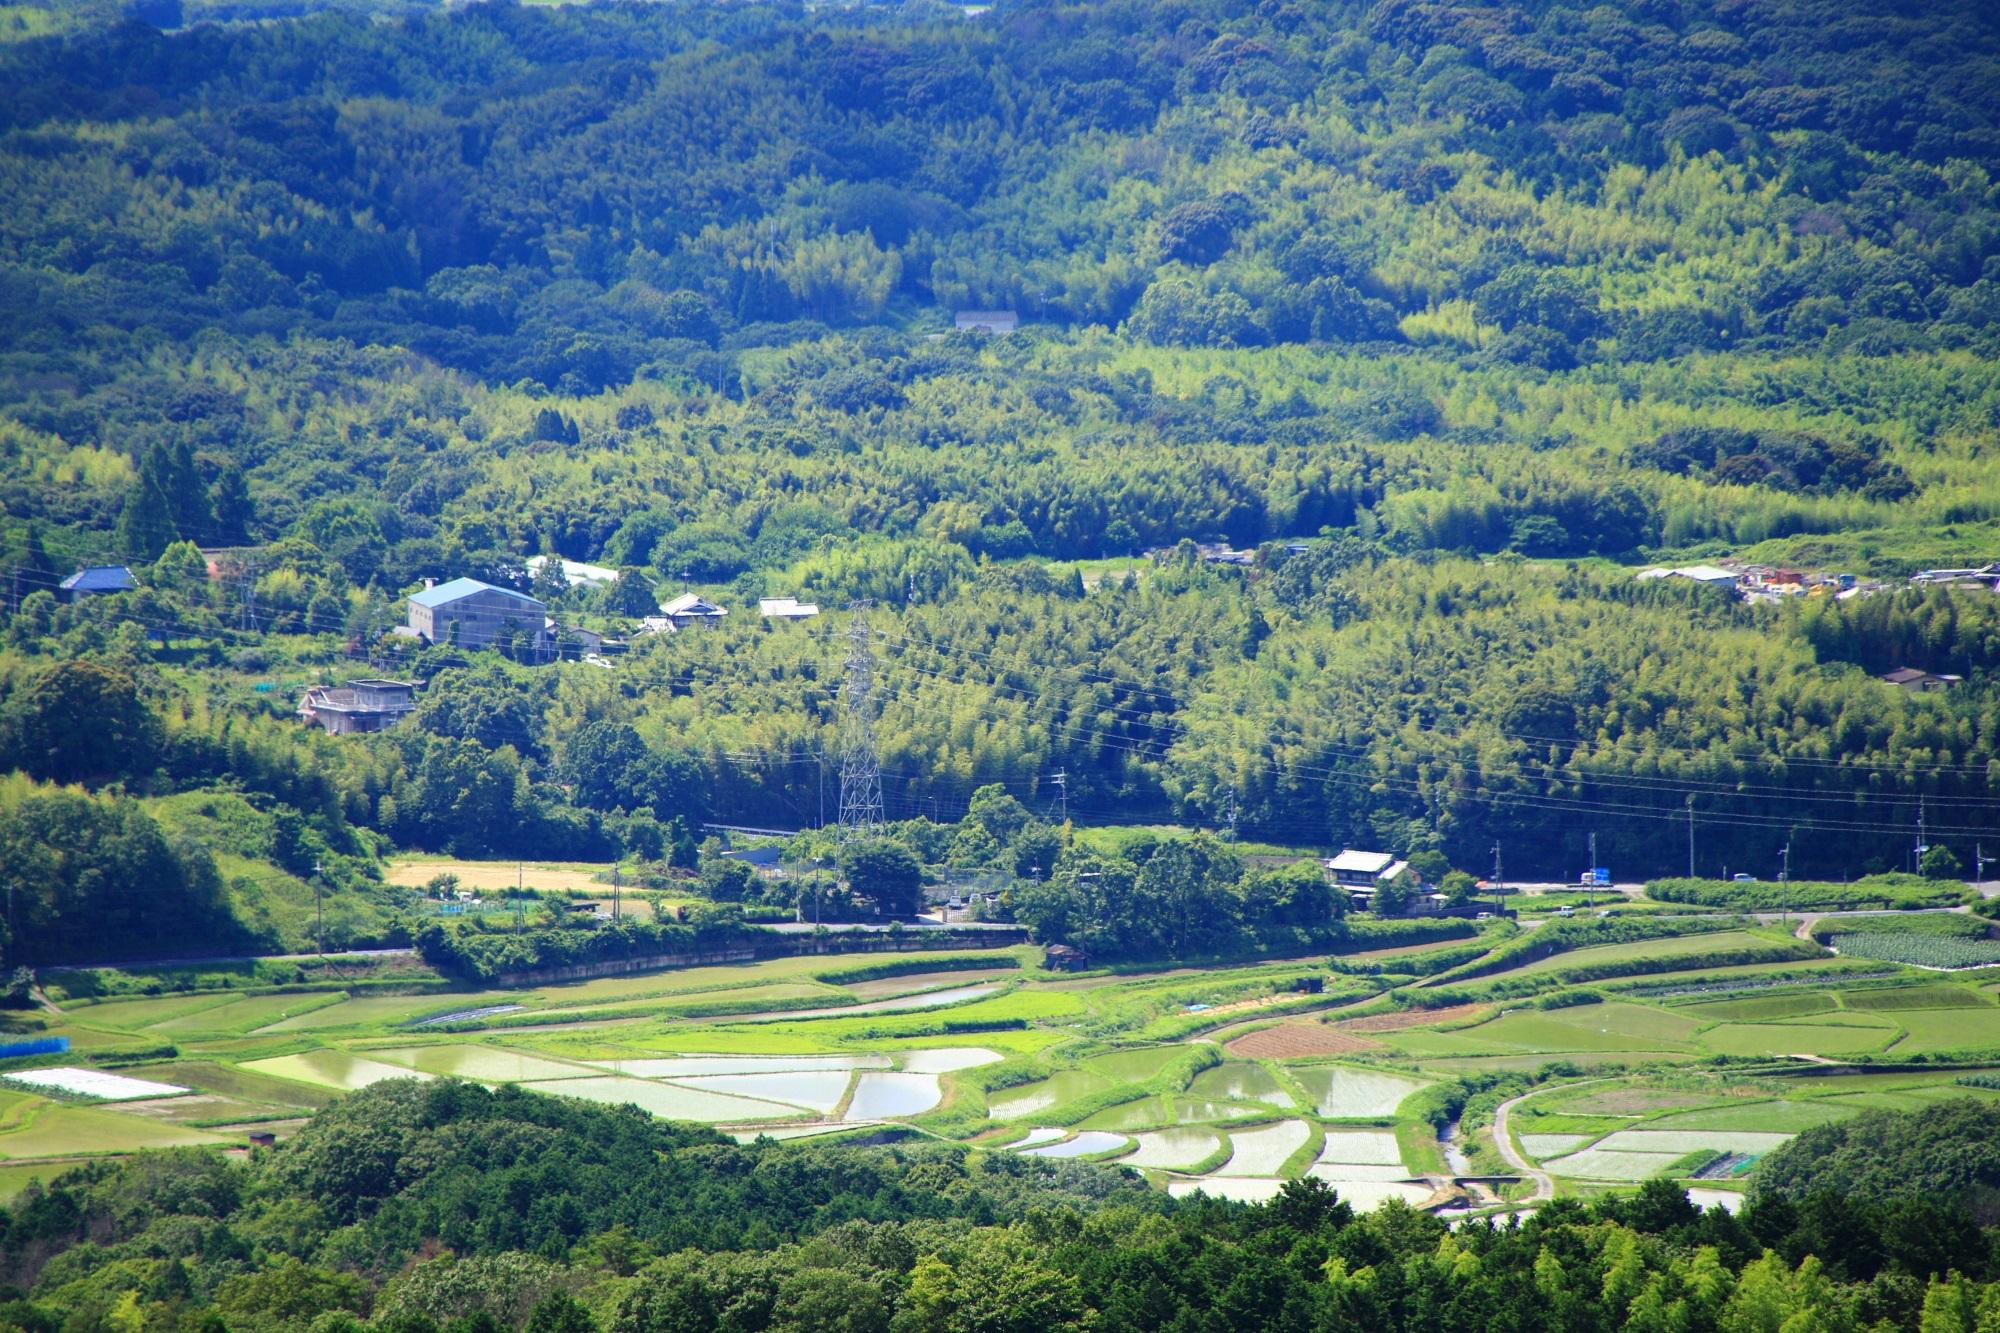 岩船寺から眺める山城の良い感じの長閑な棚田や田んぼ